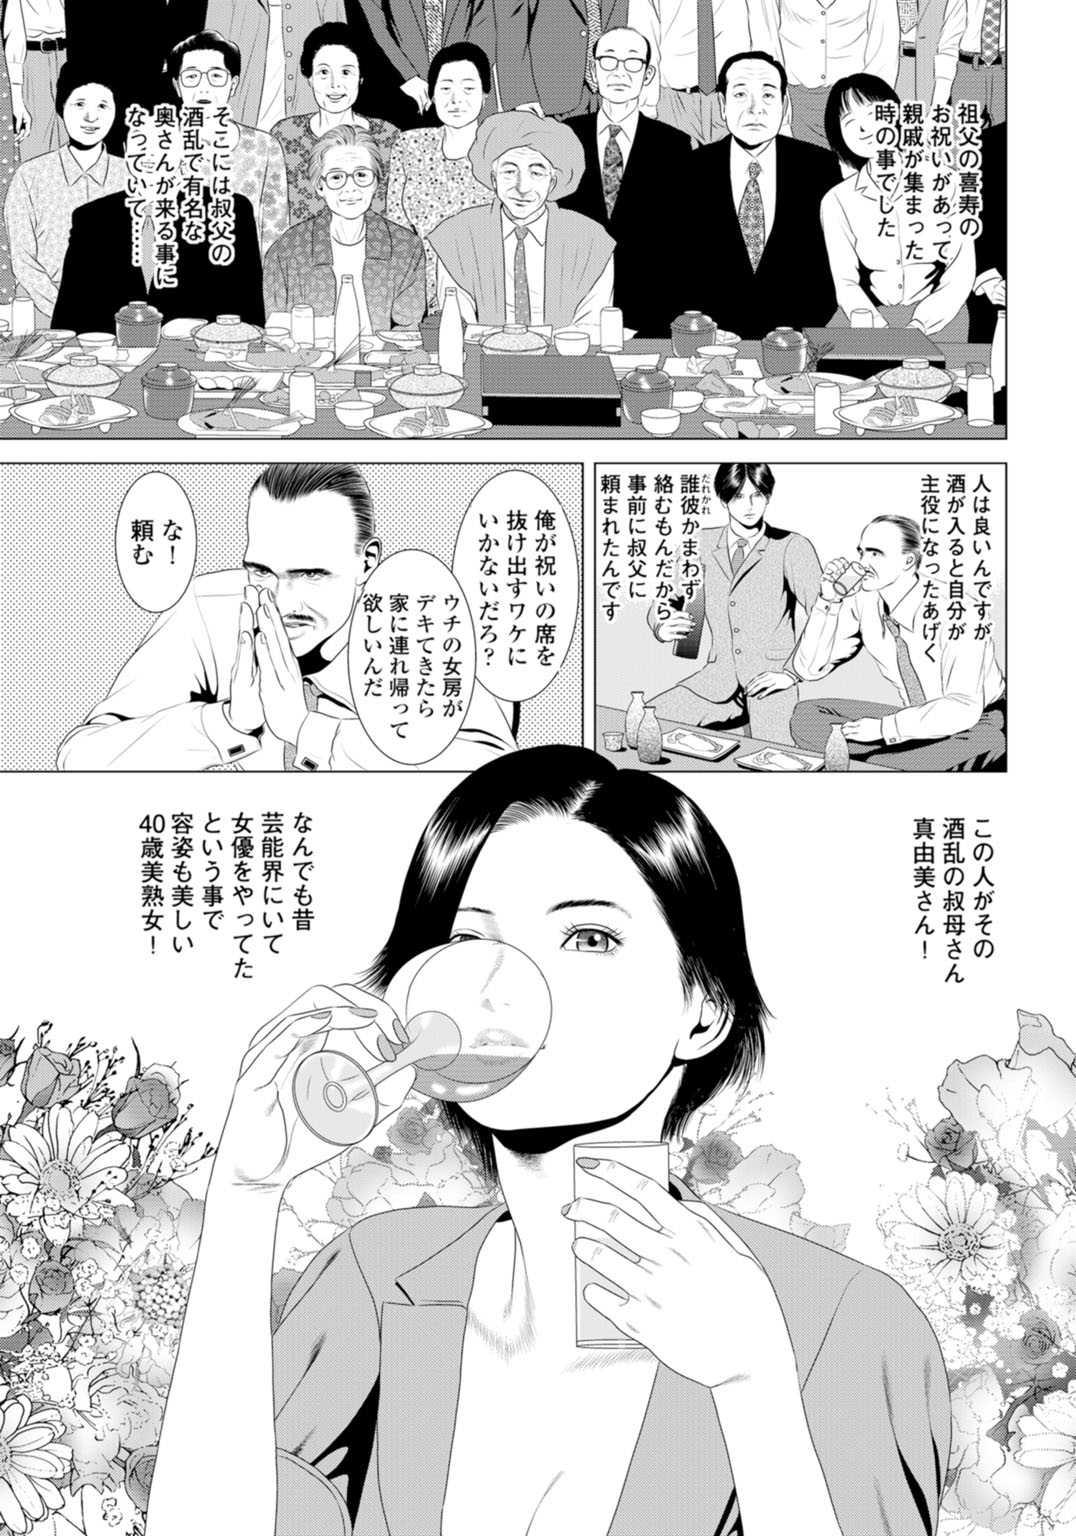 【エロ漫画】向かいのマンションでオナニーしてる女を覗き見していたら…!?